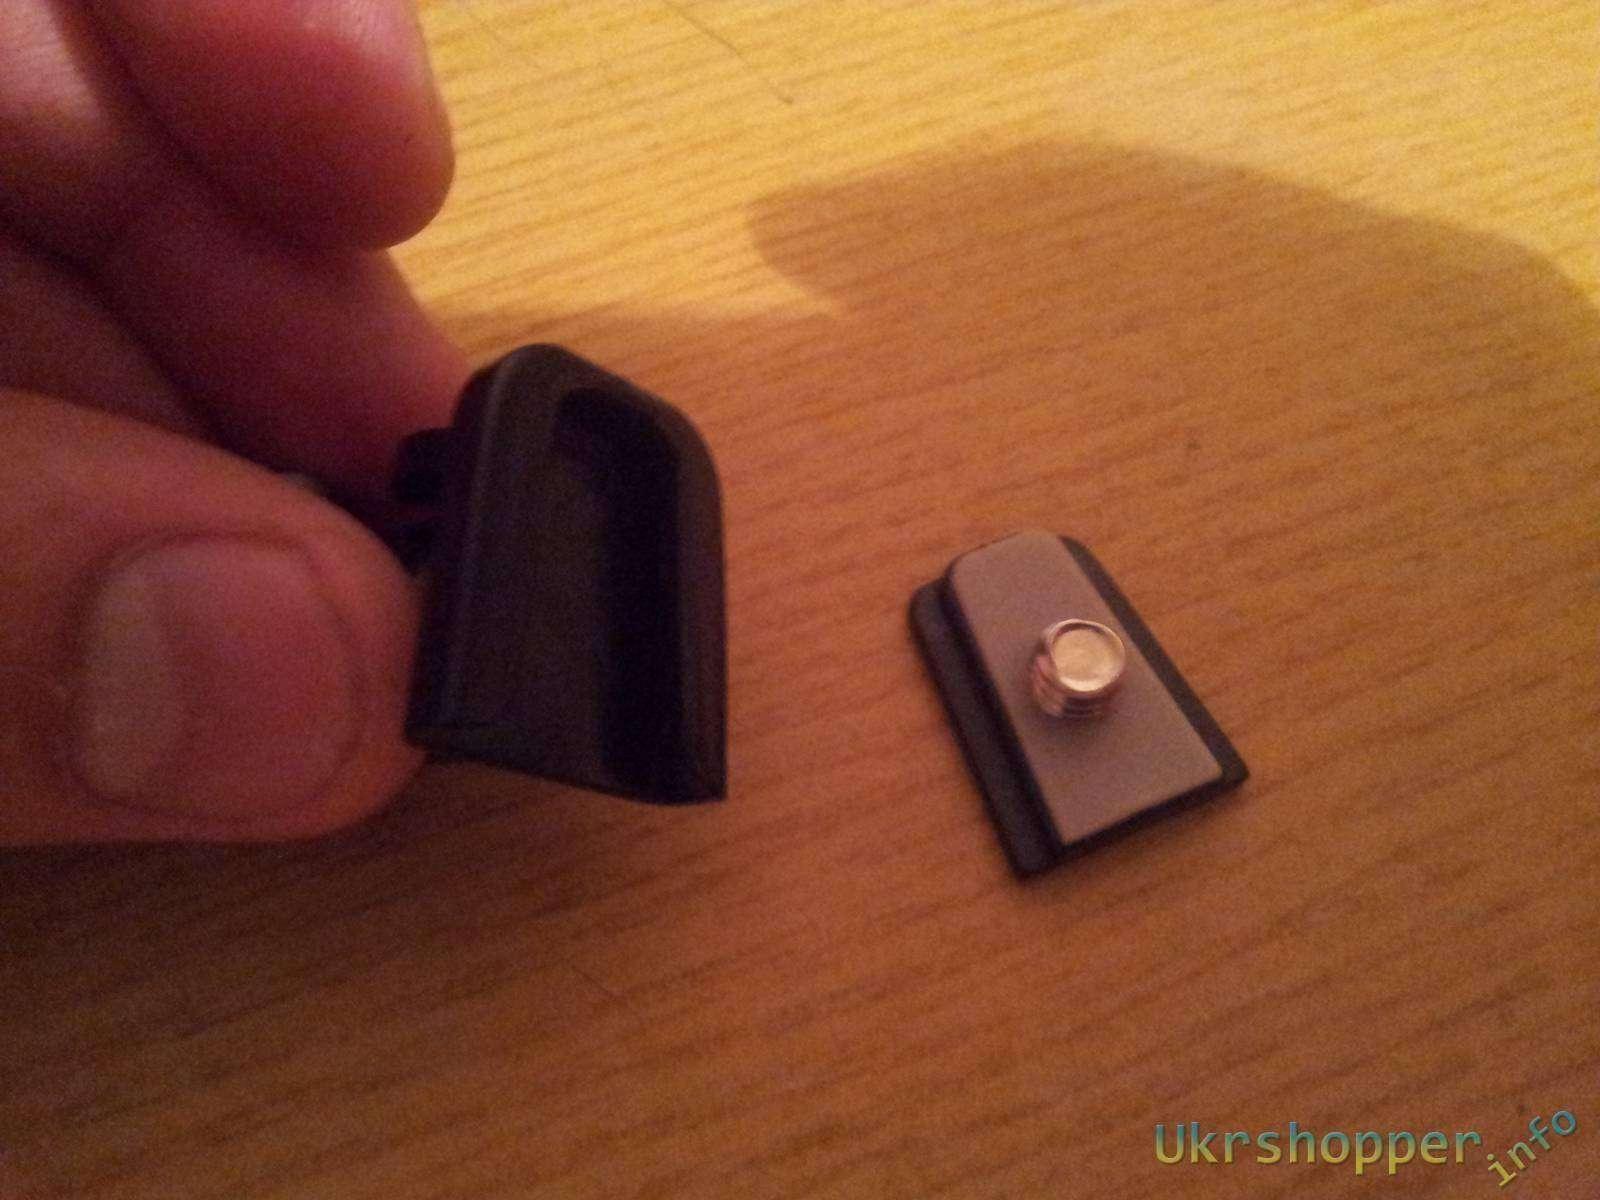 Aliexpress: Гибкий трипод в роли автомобильного держателя для регистратора